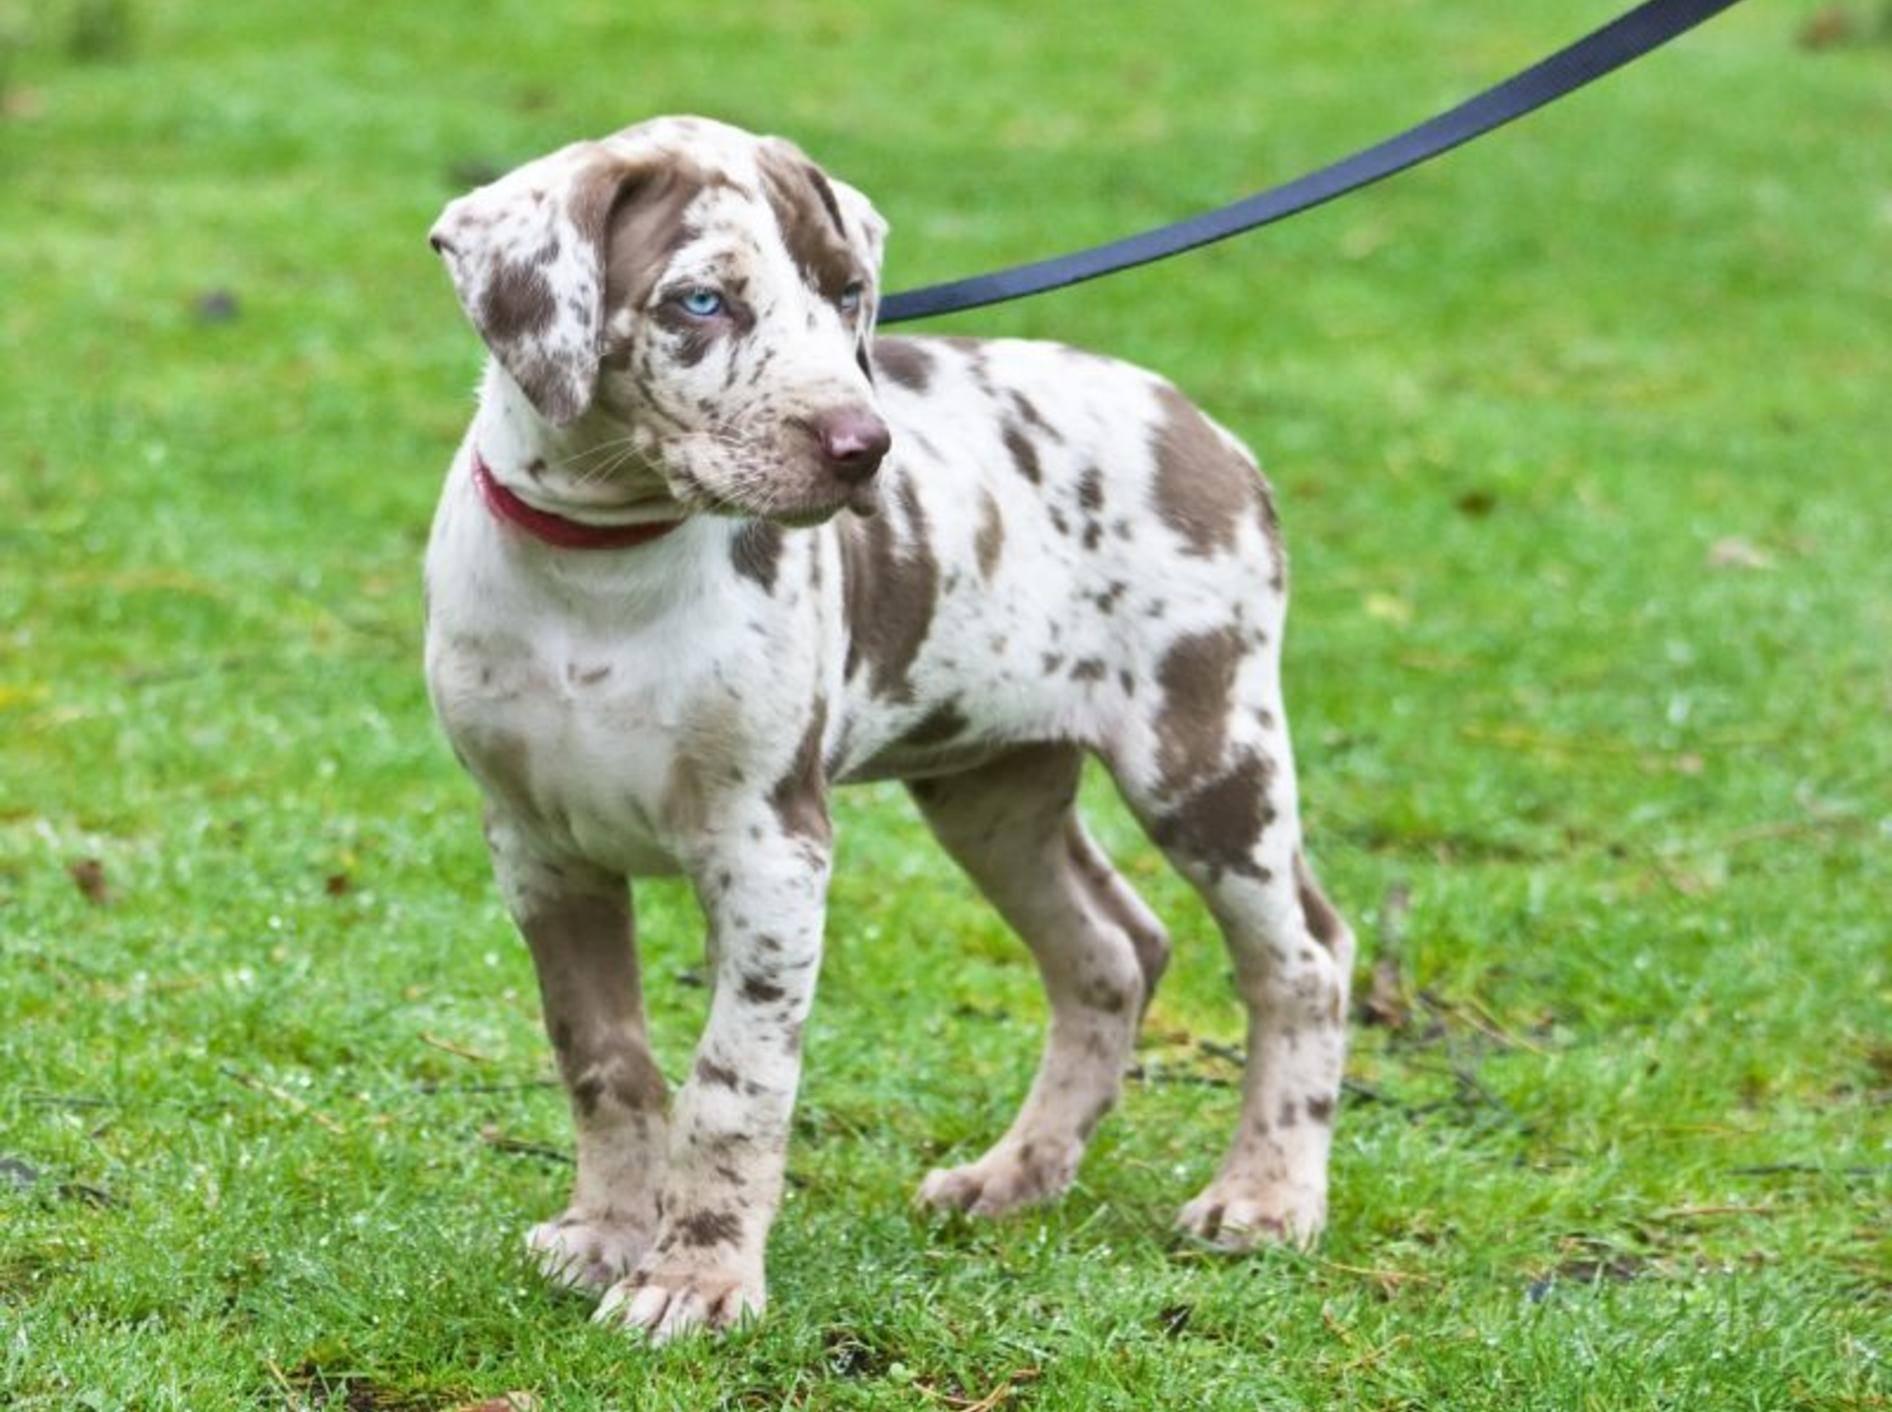 Schleppleinen für Spaziergänge und Hundetraining – Bild: Shutterstock / tiggra